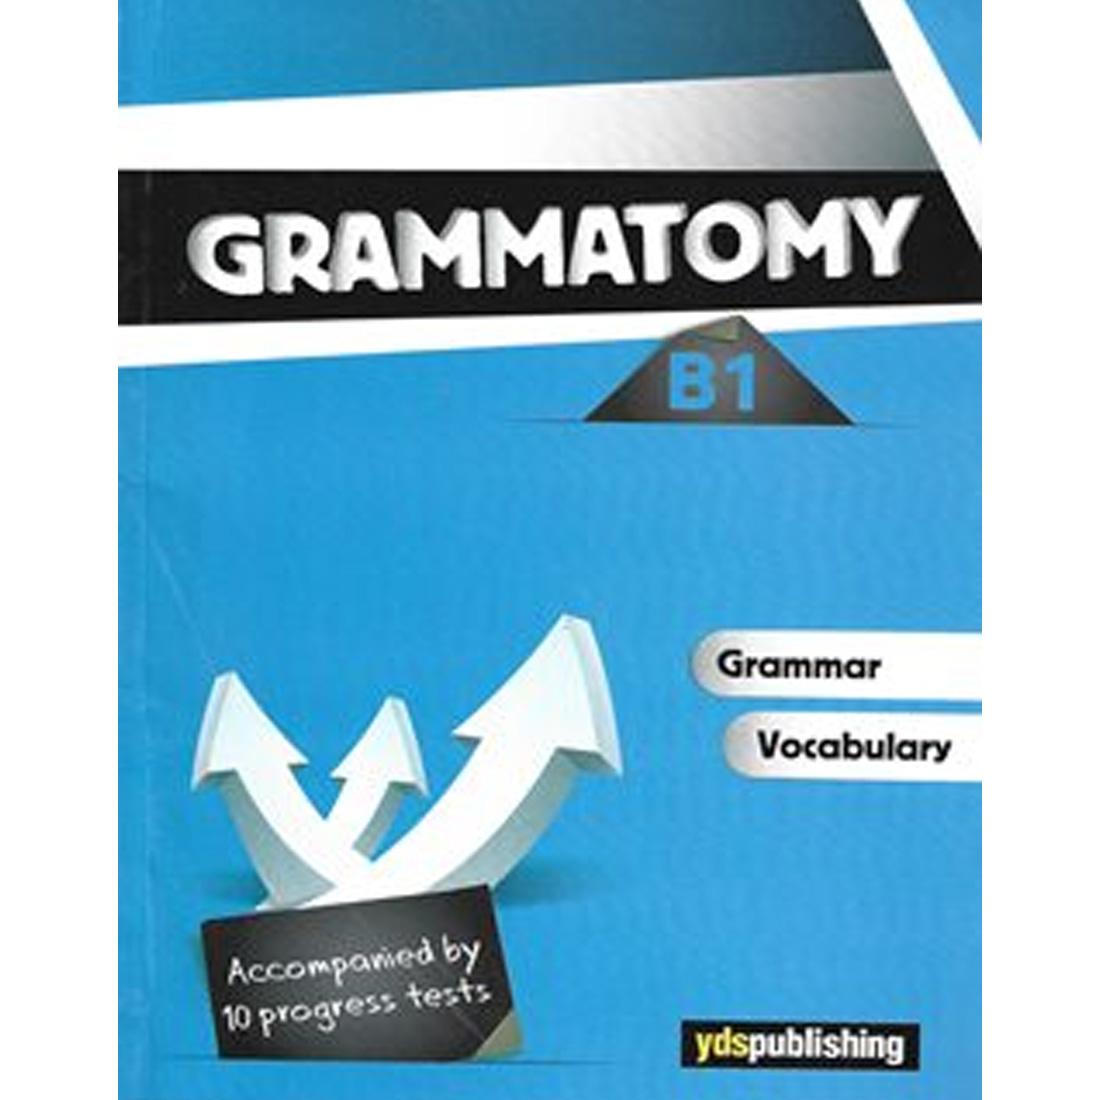 YDS Publishing Grammatomy B1